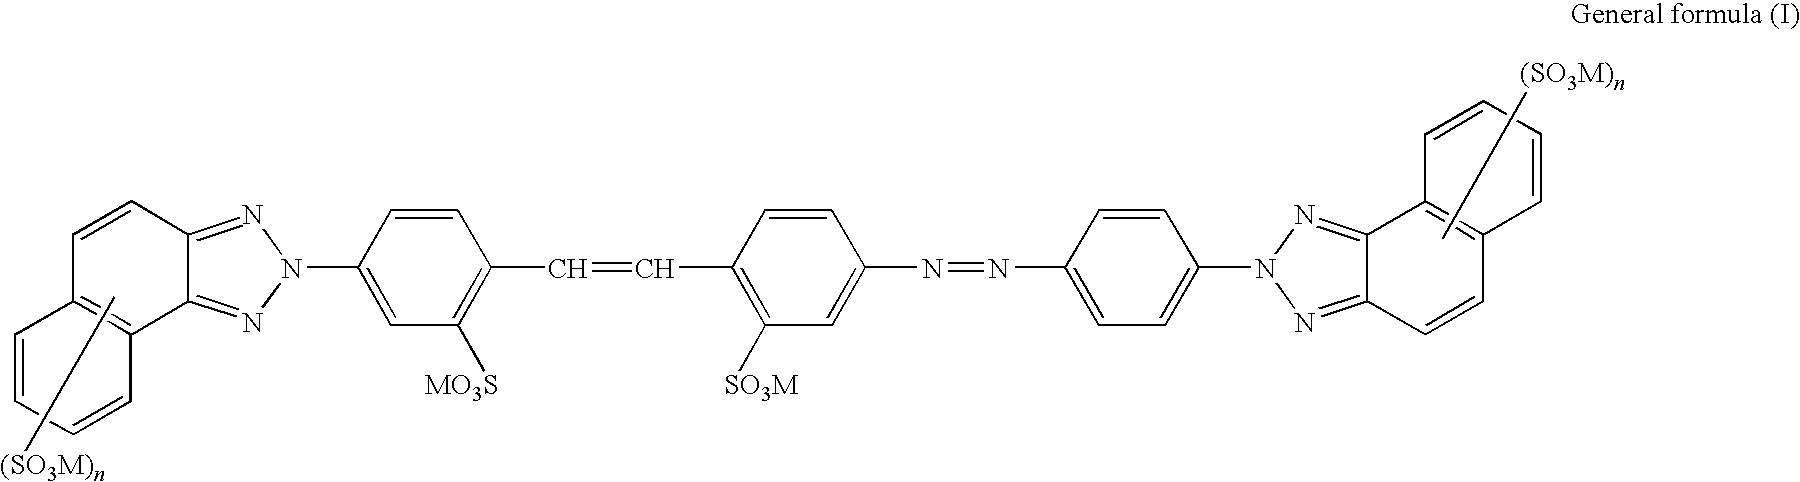 Figure US20090295886A1-20091203-C00005